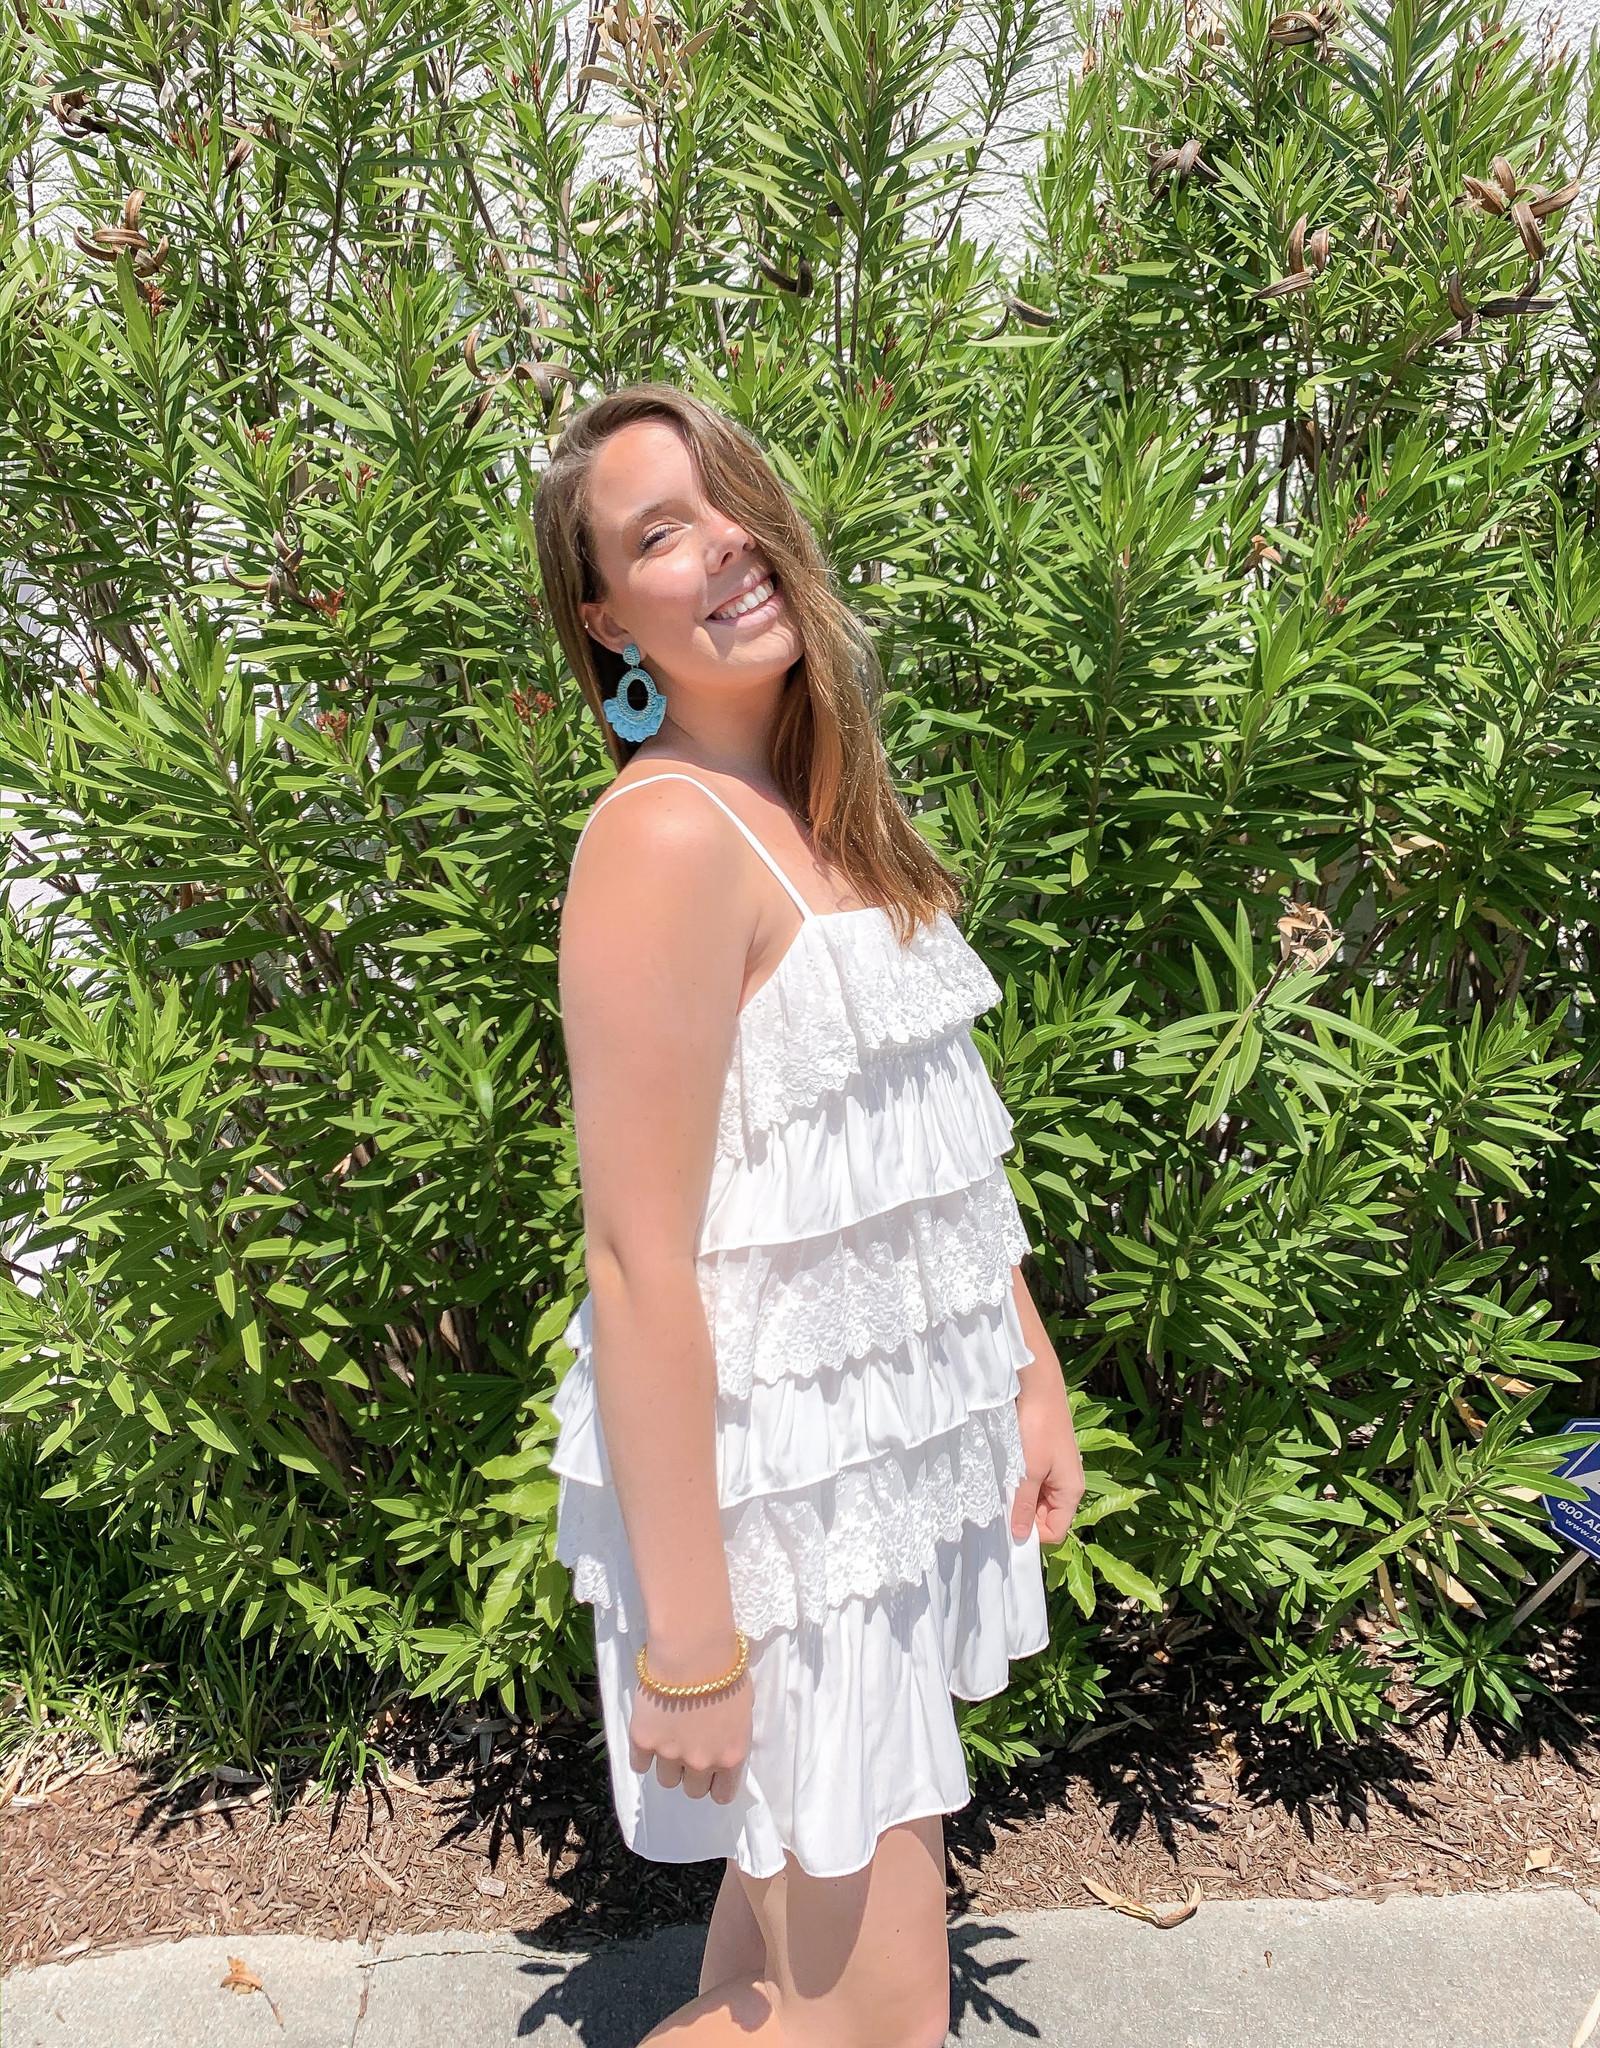 The Kayce Layered Dress